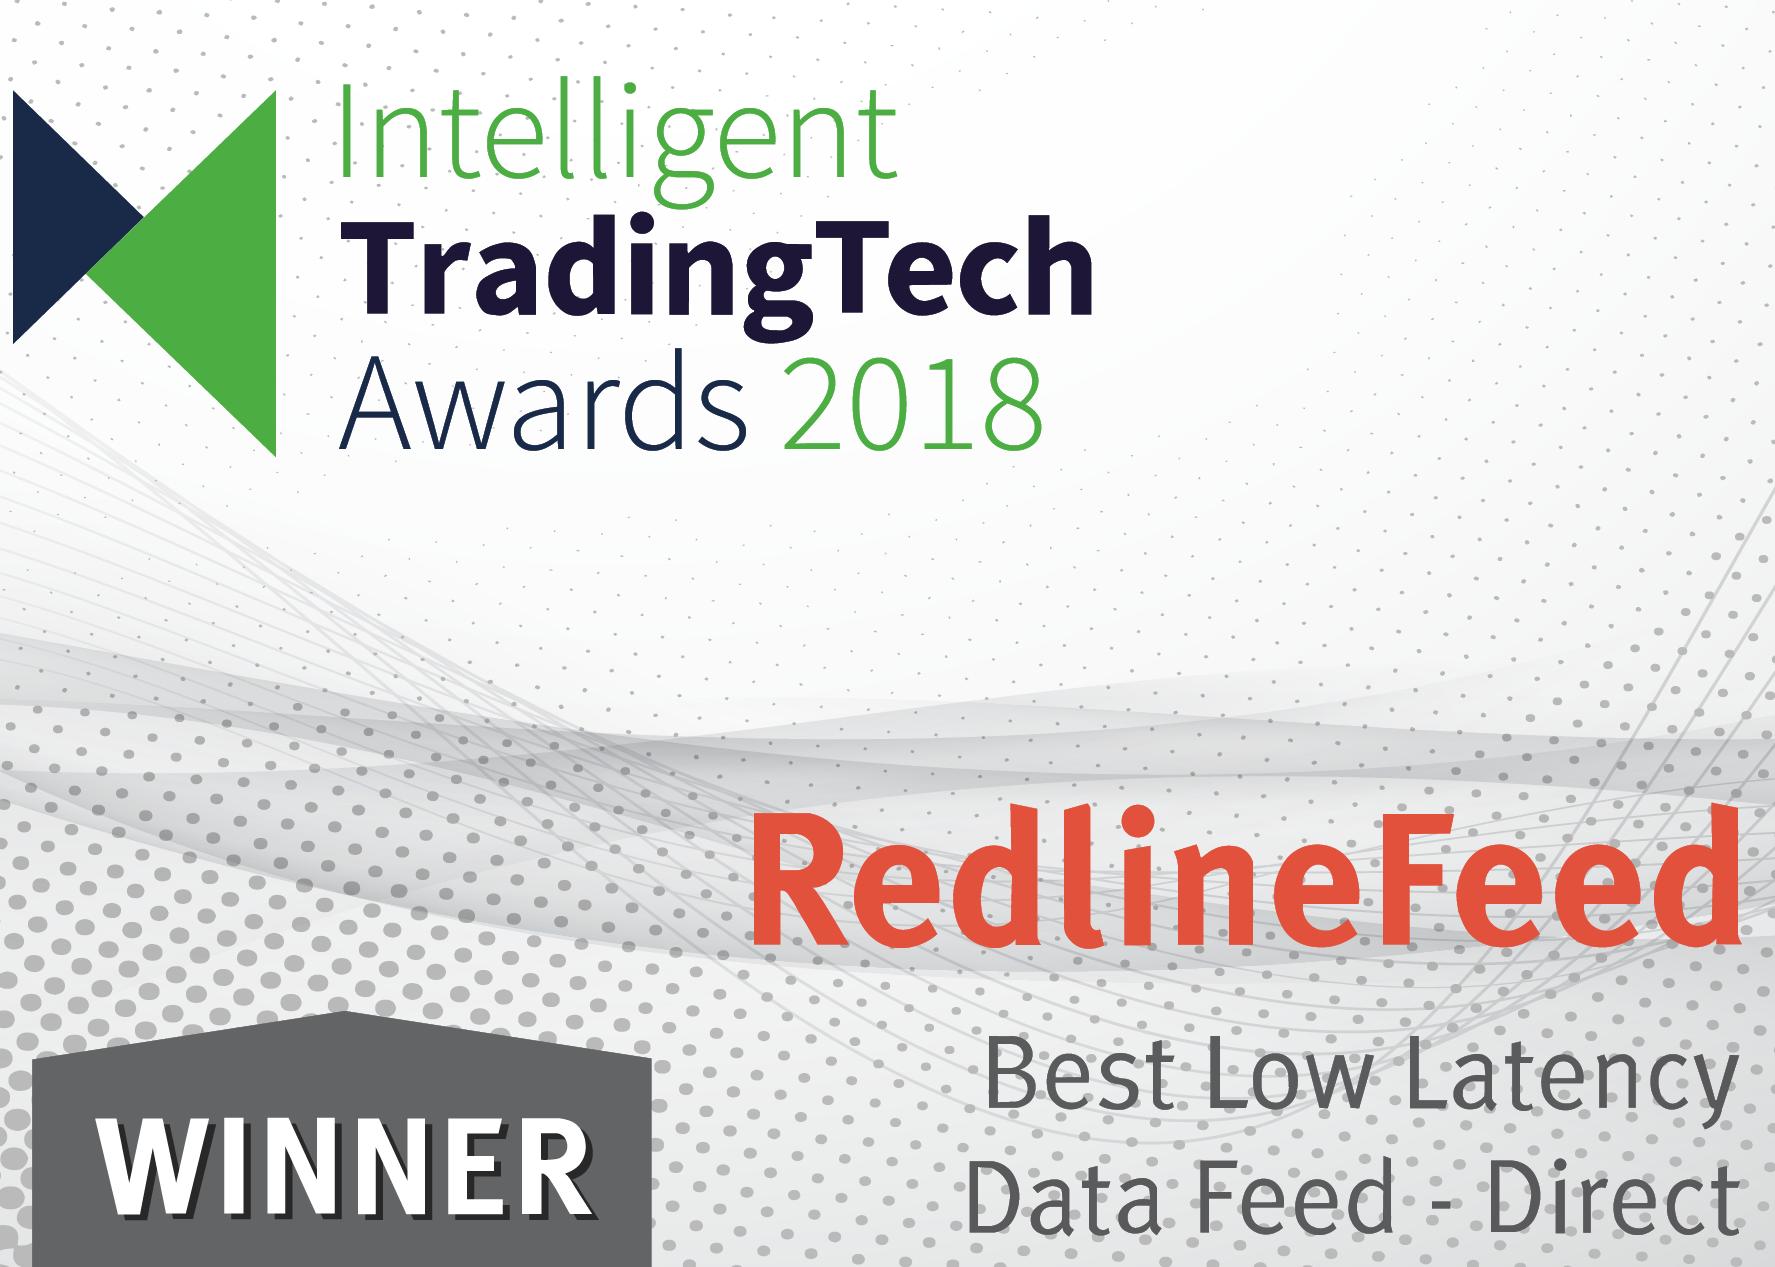 Intelligent TradingTech Awards 2018 Global RedlineFeed Best Low Latency Data Feed Winner.png